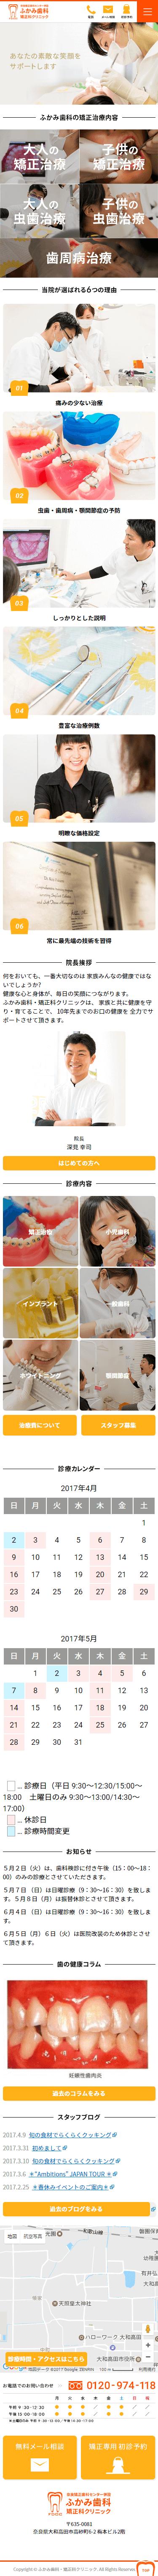 大和高田市 ふかみ歯科・矯正科クリニック様 ホームページ制作3